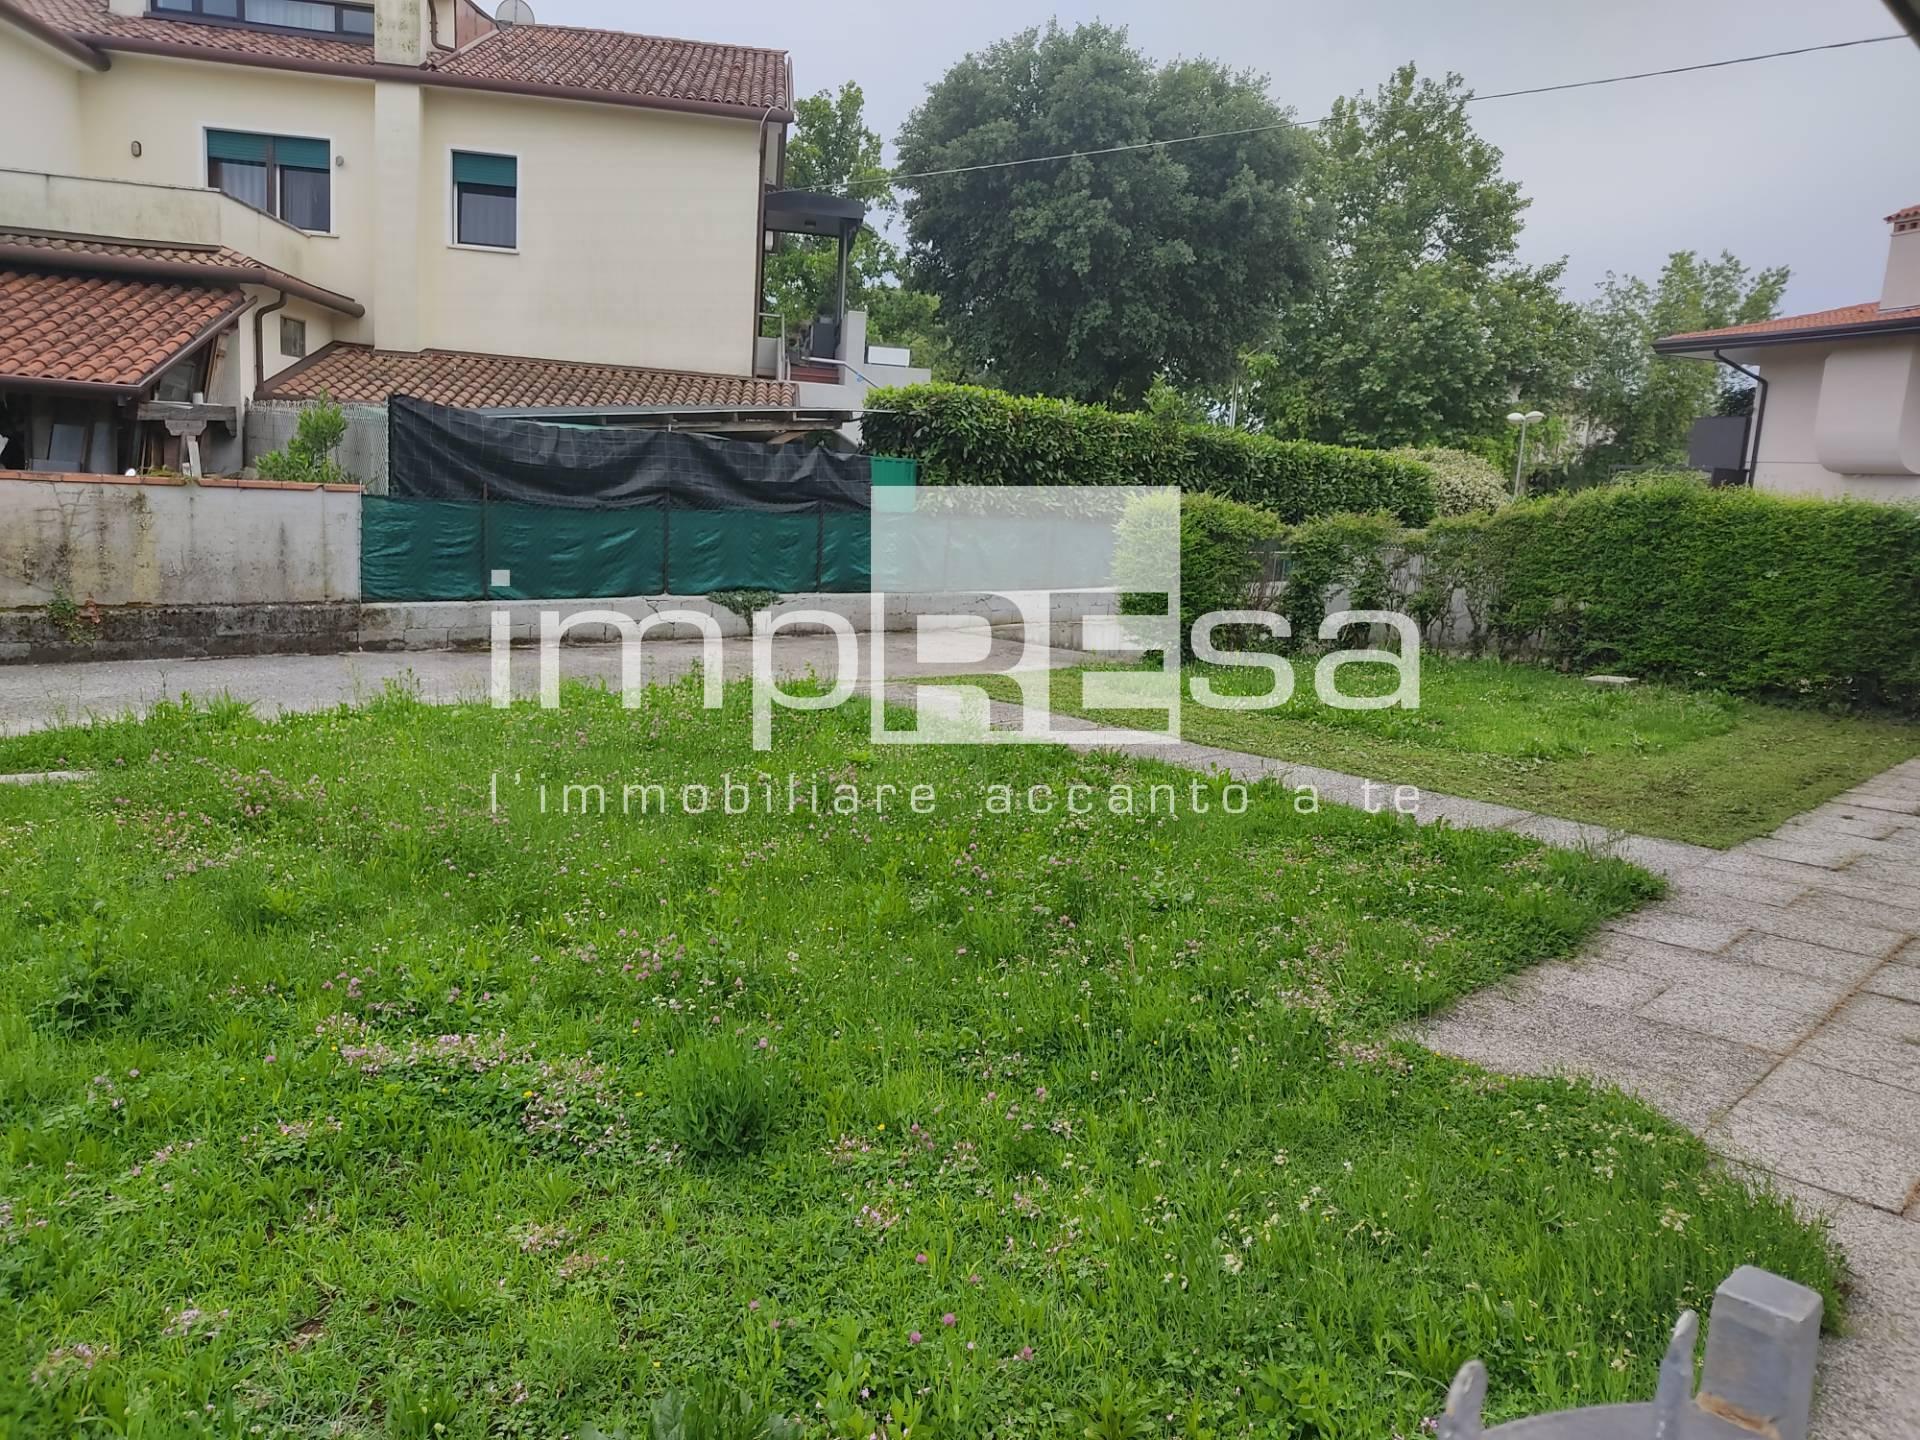 Appartamento in vendita a Istrana, 6 locali, prezzo € 119.000 | PortaleAgenzieImmobiliari.it